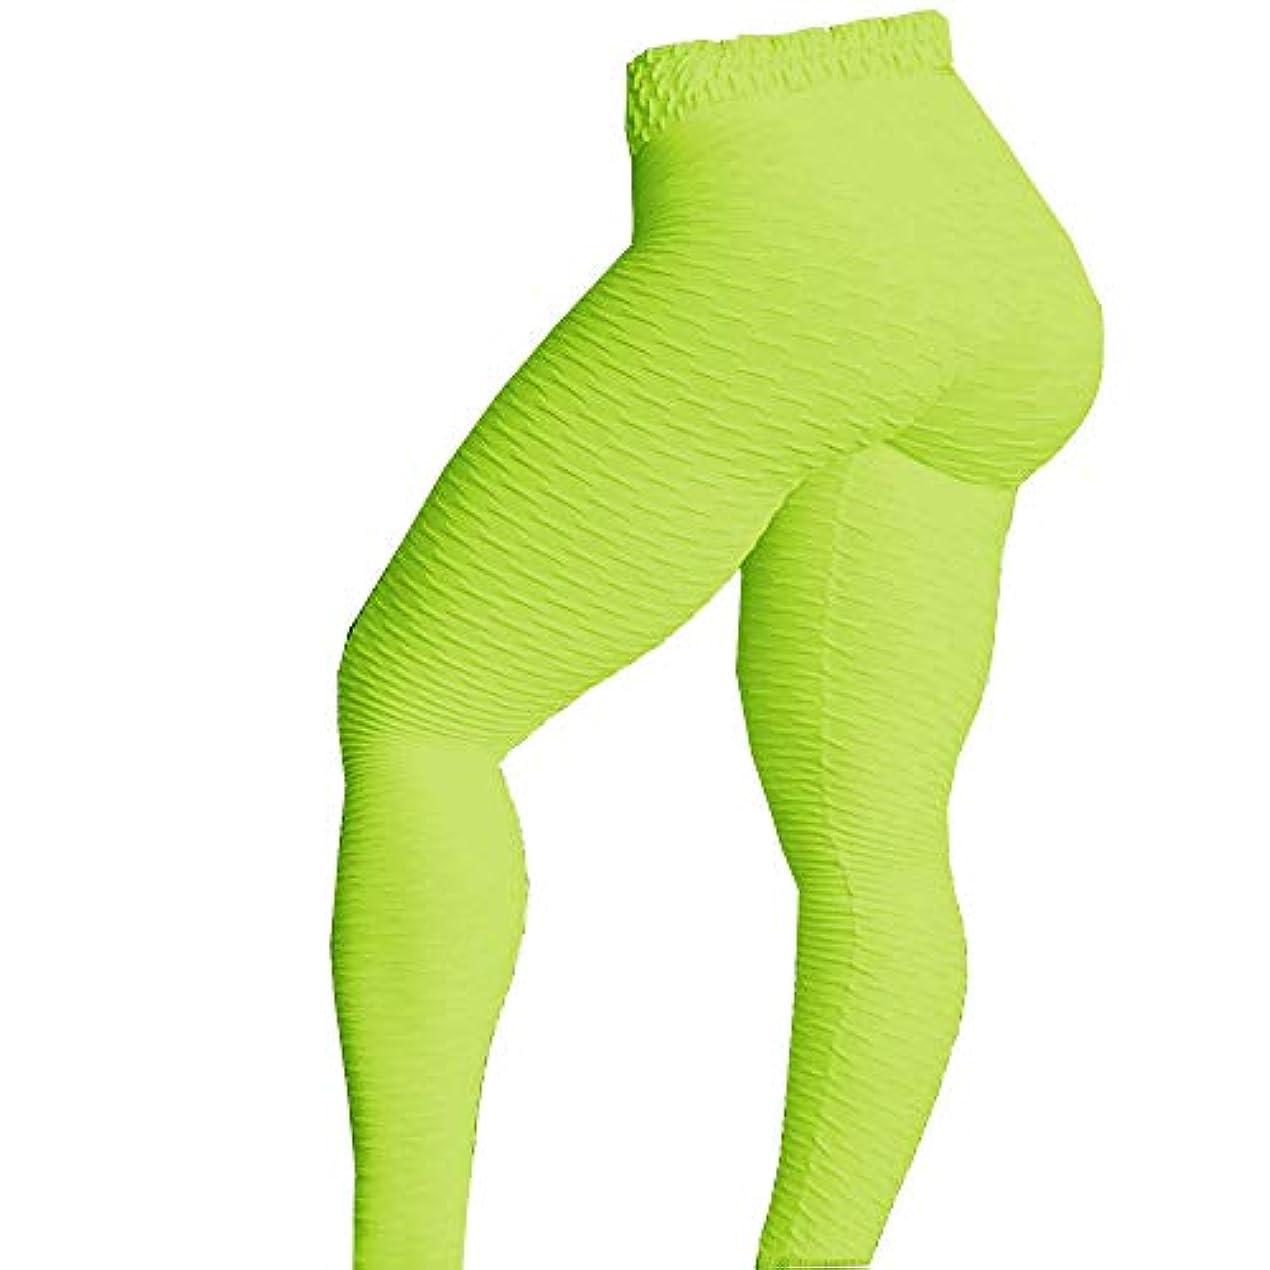 ジャンプする常習者可決MIFAN パンツ女性、ハイウエストパンツ、スキニーパンツ、ヨガレギンス、女性のズボン、ランニングパンツ、スポーツウェア